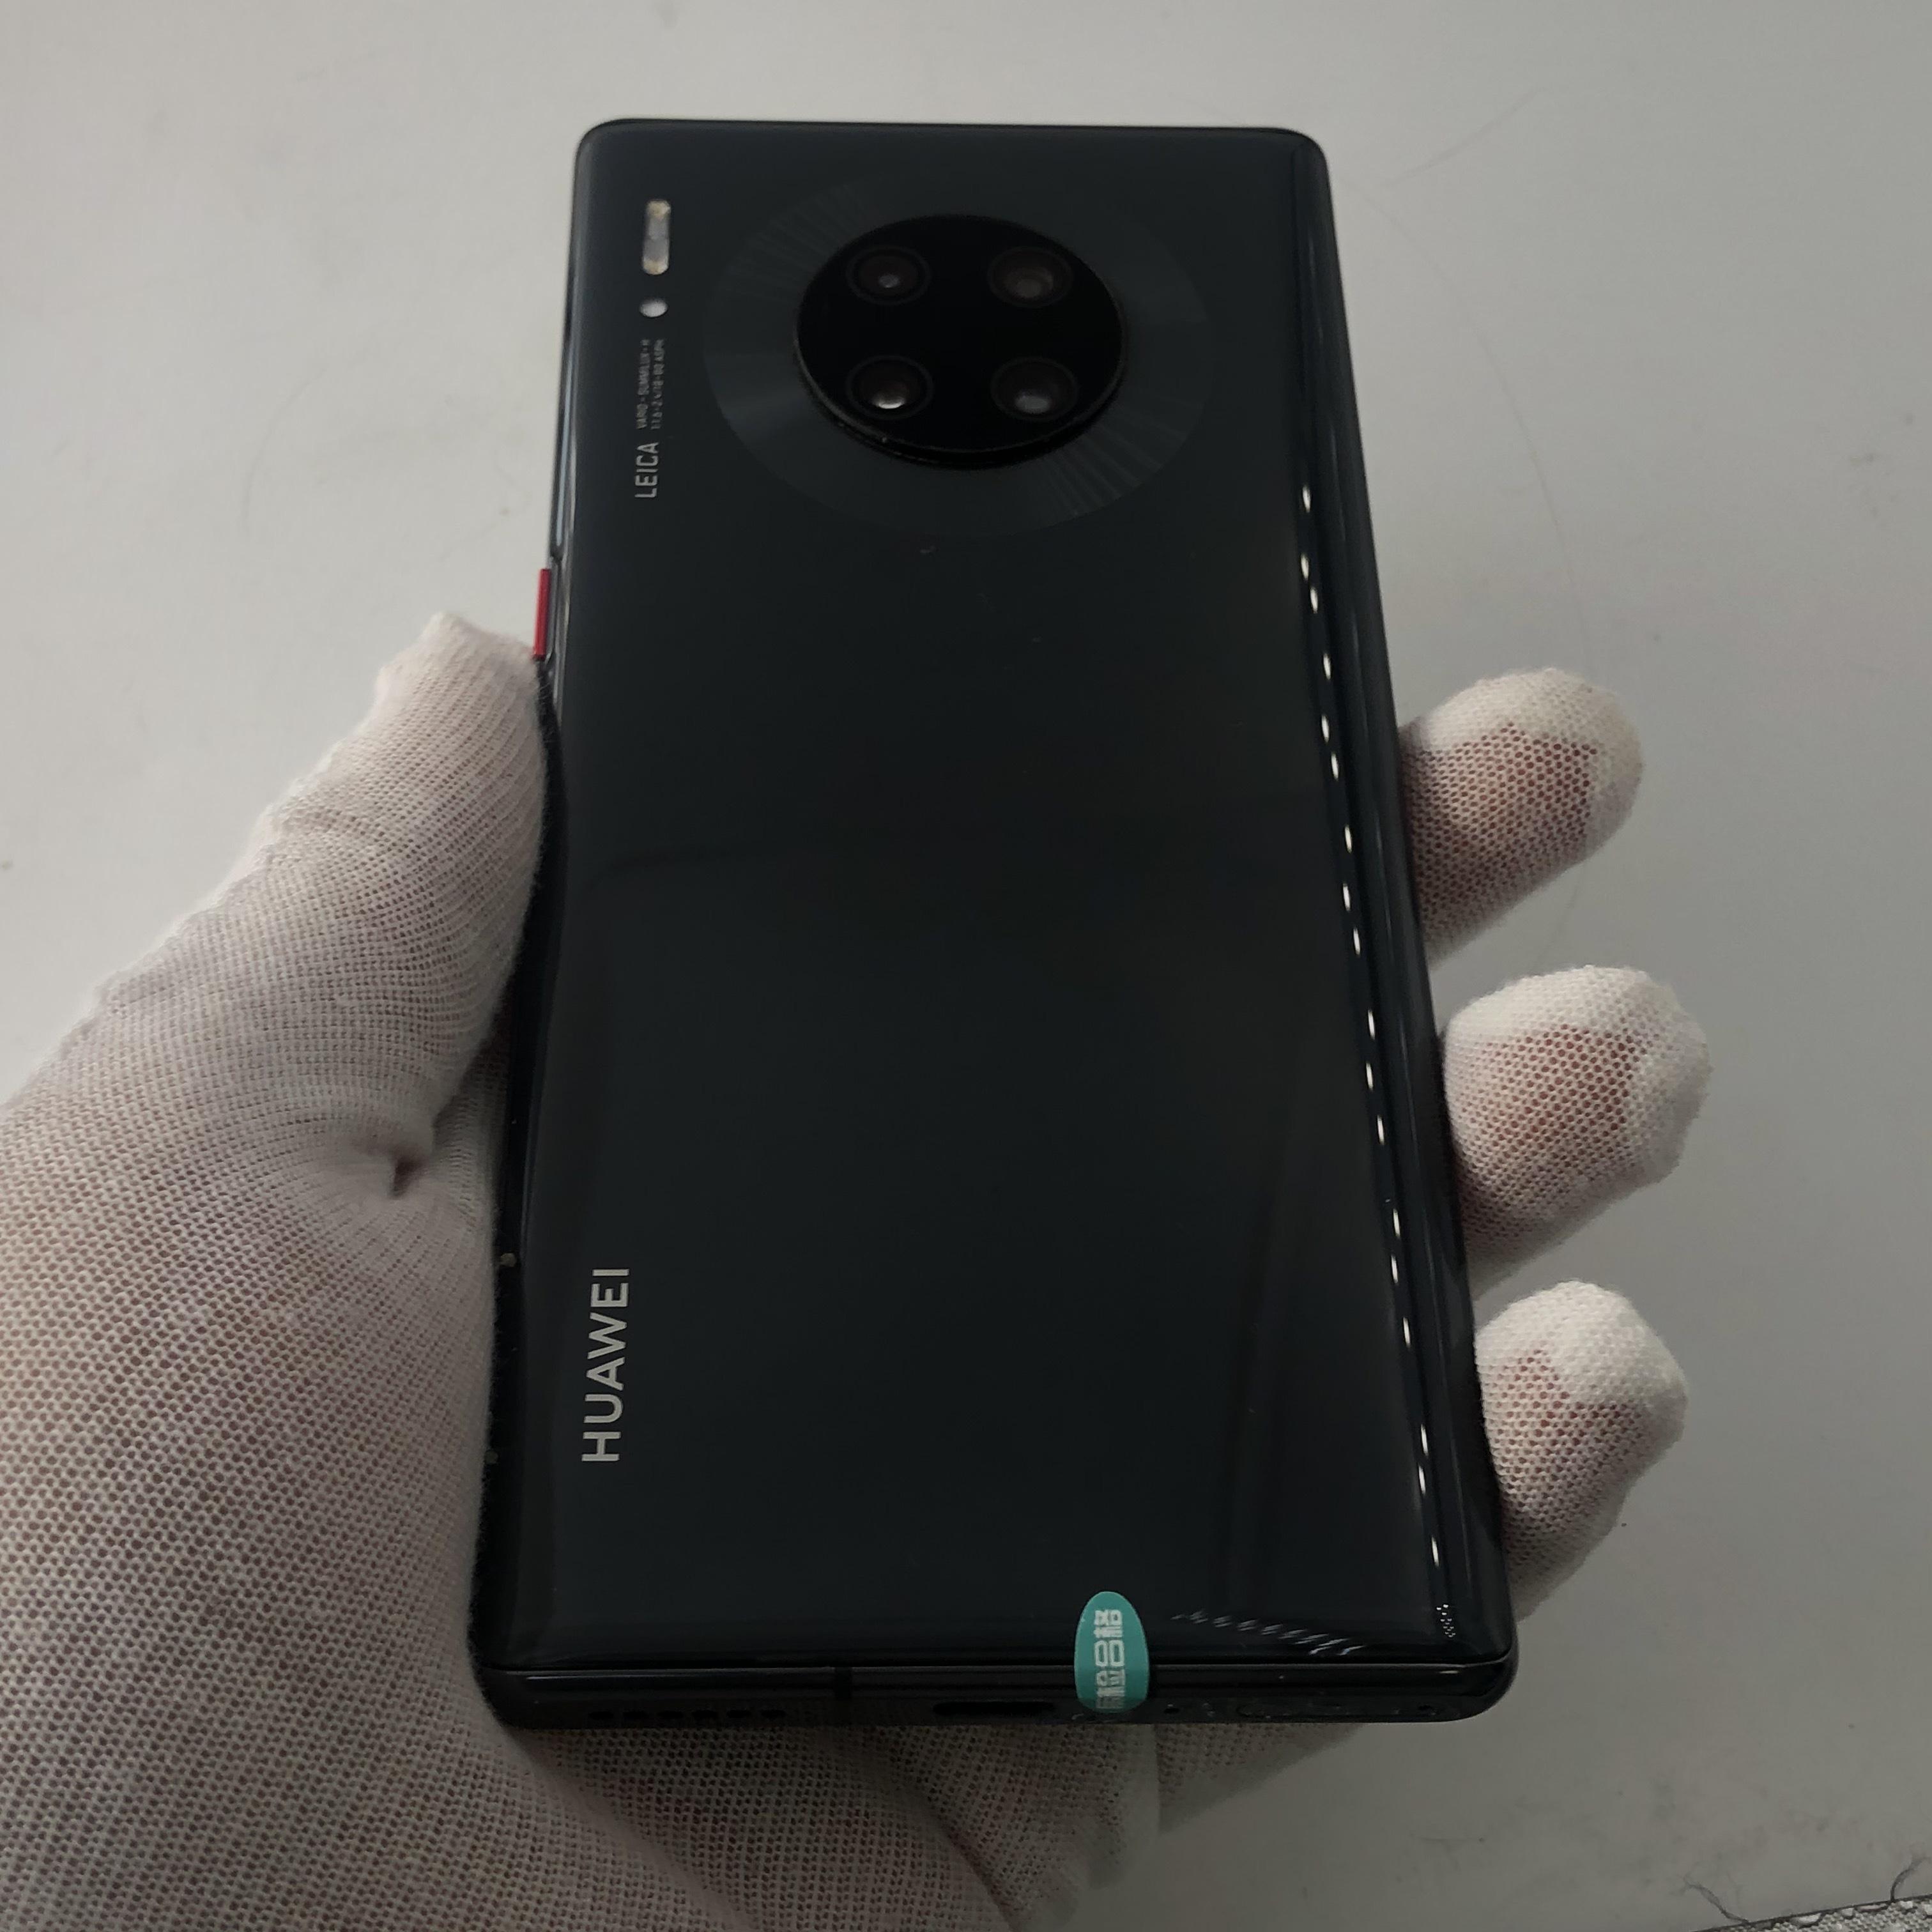 华为【Mate 30 Pro】移动 4G/3G/2G 亮黑色 8G/128G 国行 95新